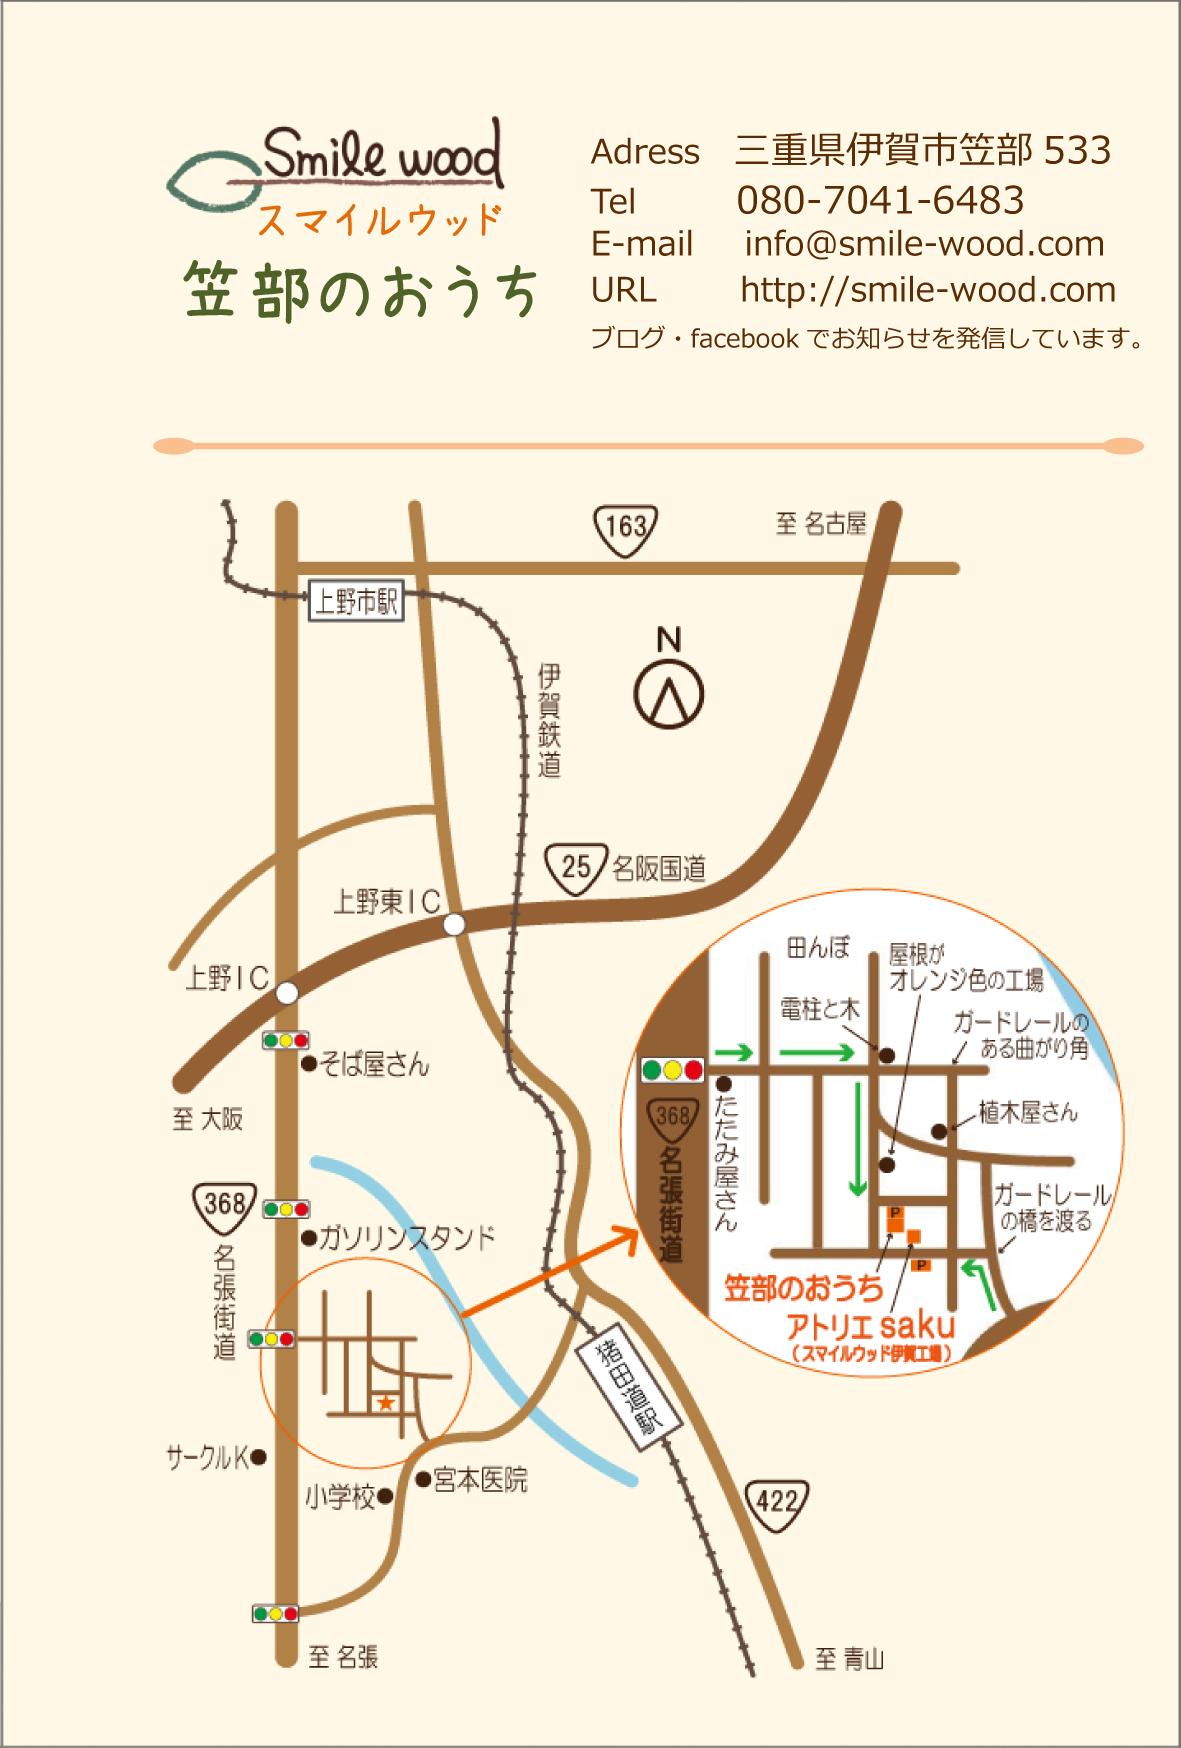 笠部のおうち地図